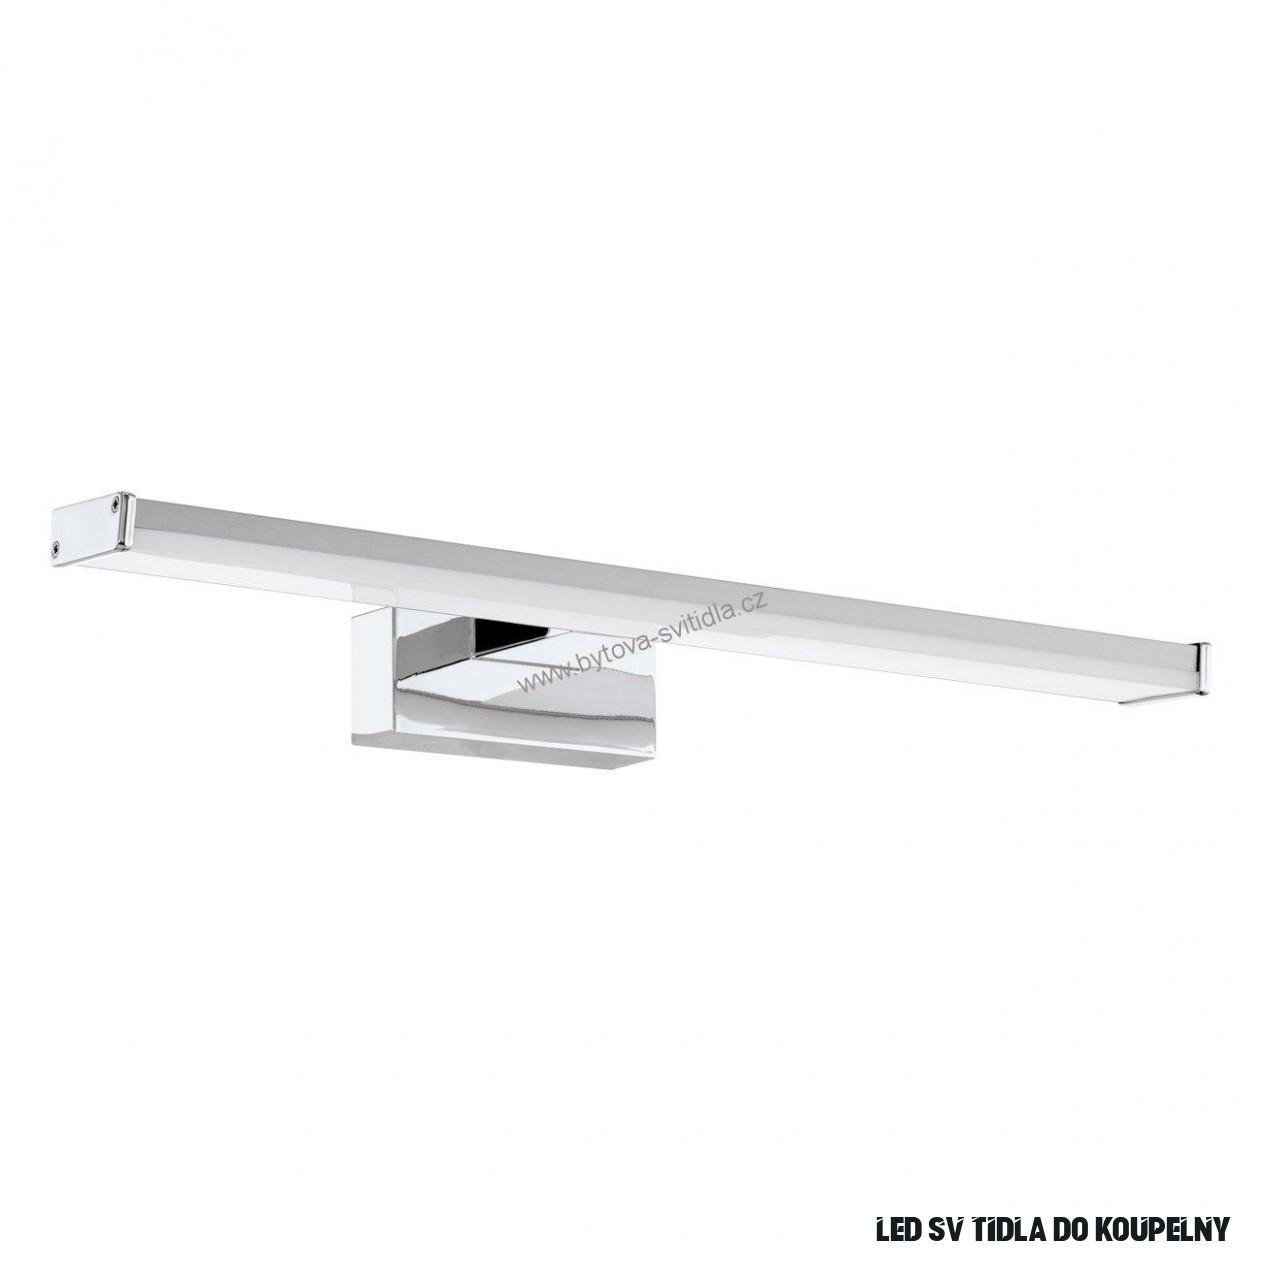 Eglo 114 PANDELLA 14 - LED světlo do koupelny k zrcadlu IP14, 14cm